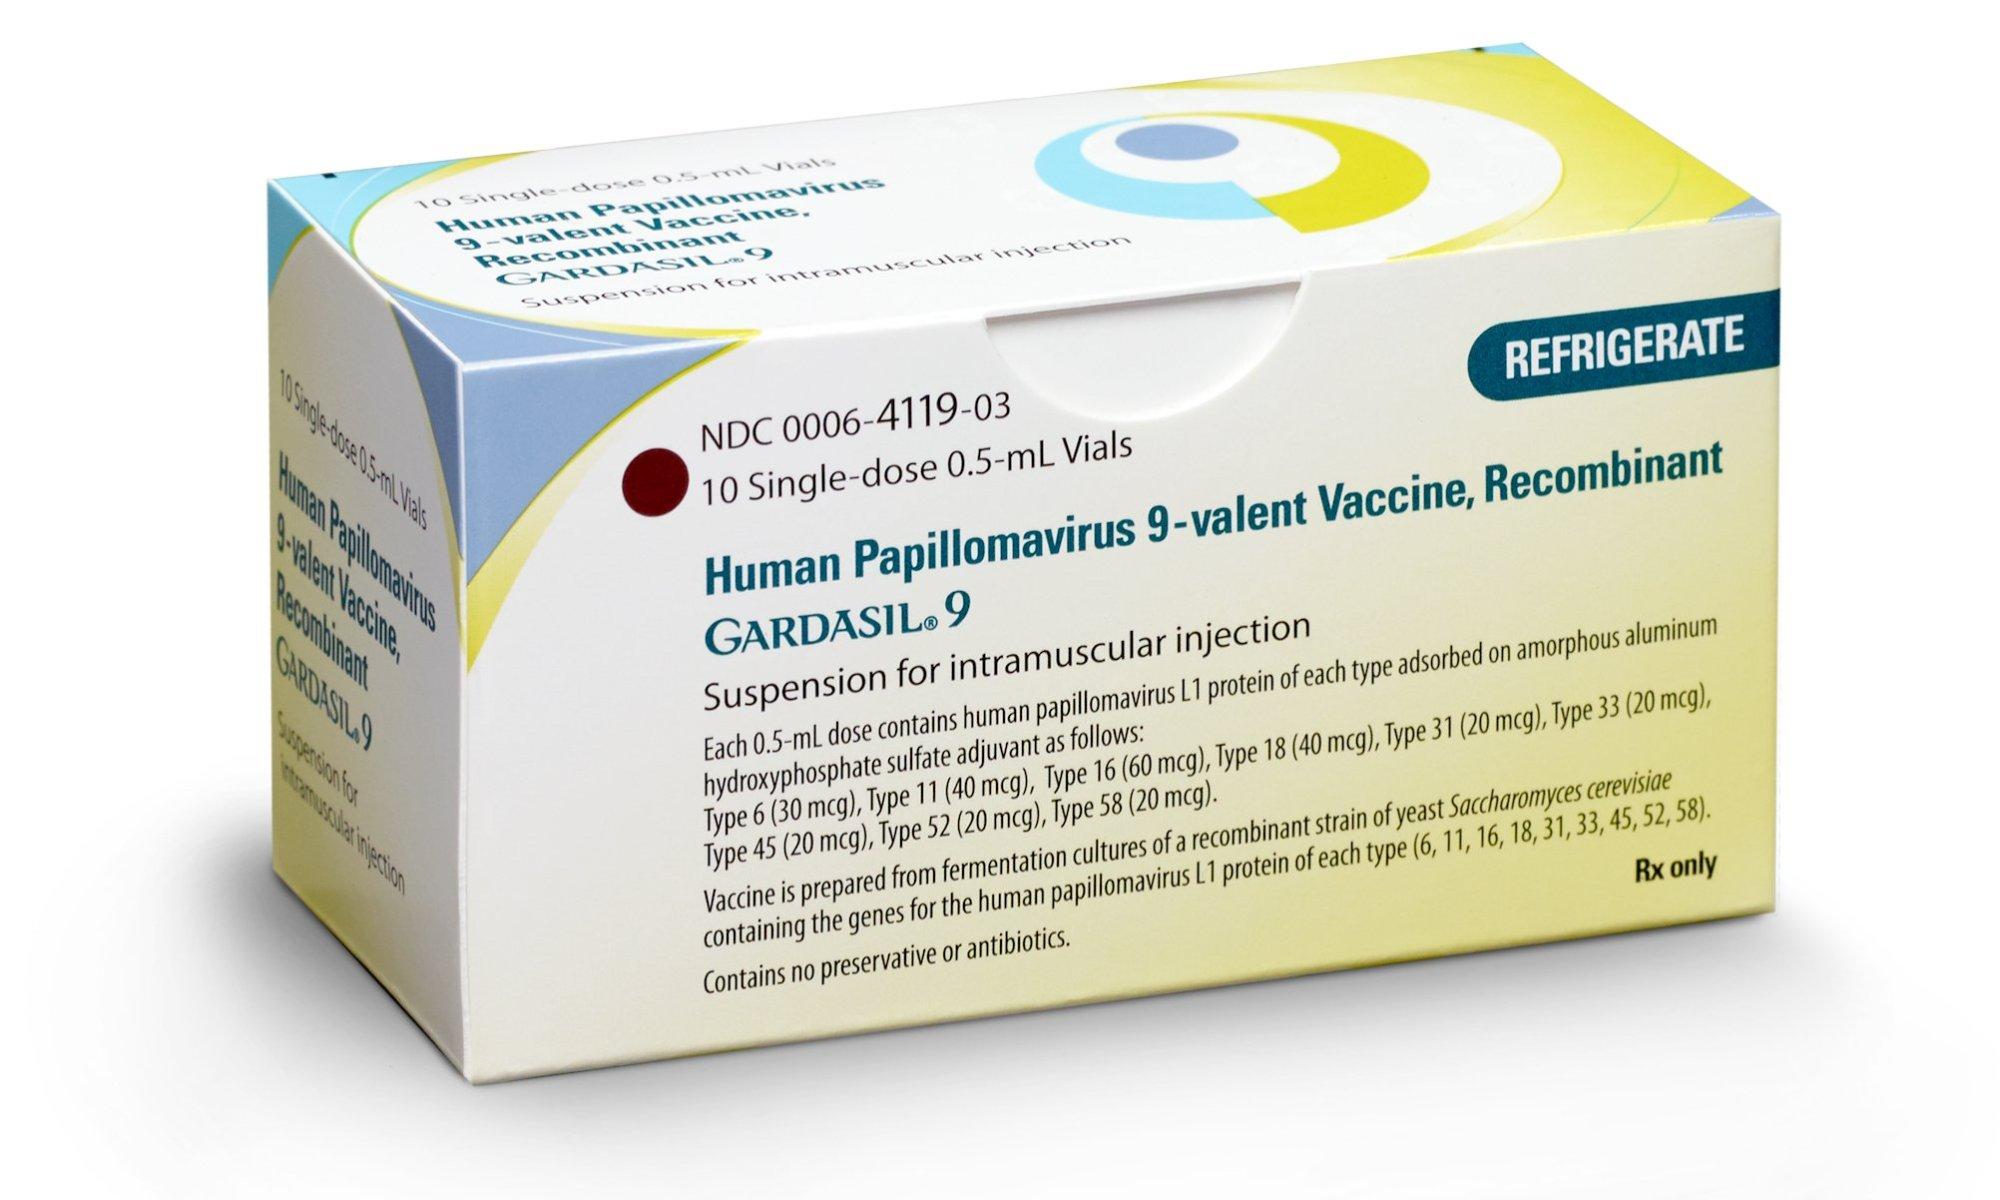 hpv és gardasil 9 helmint fertőzés okozza